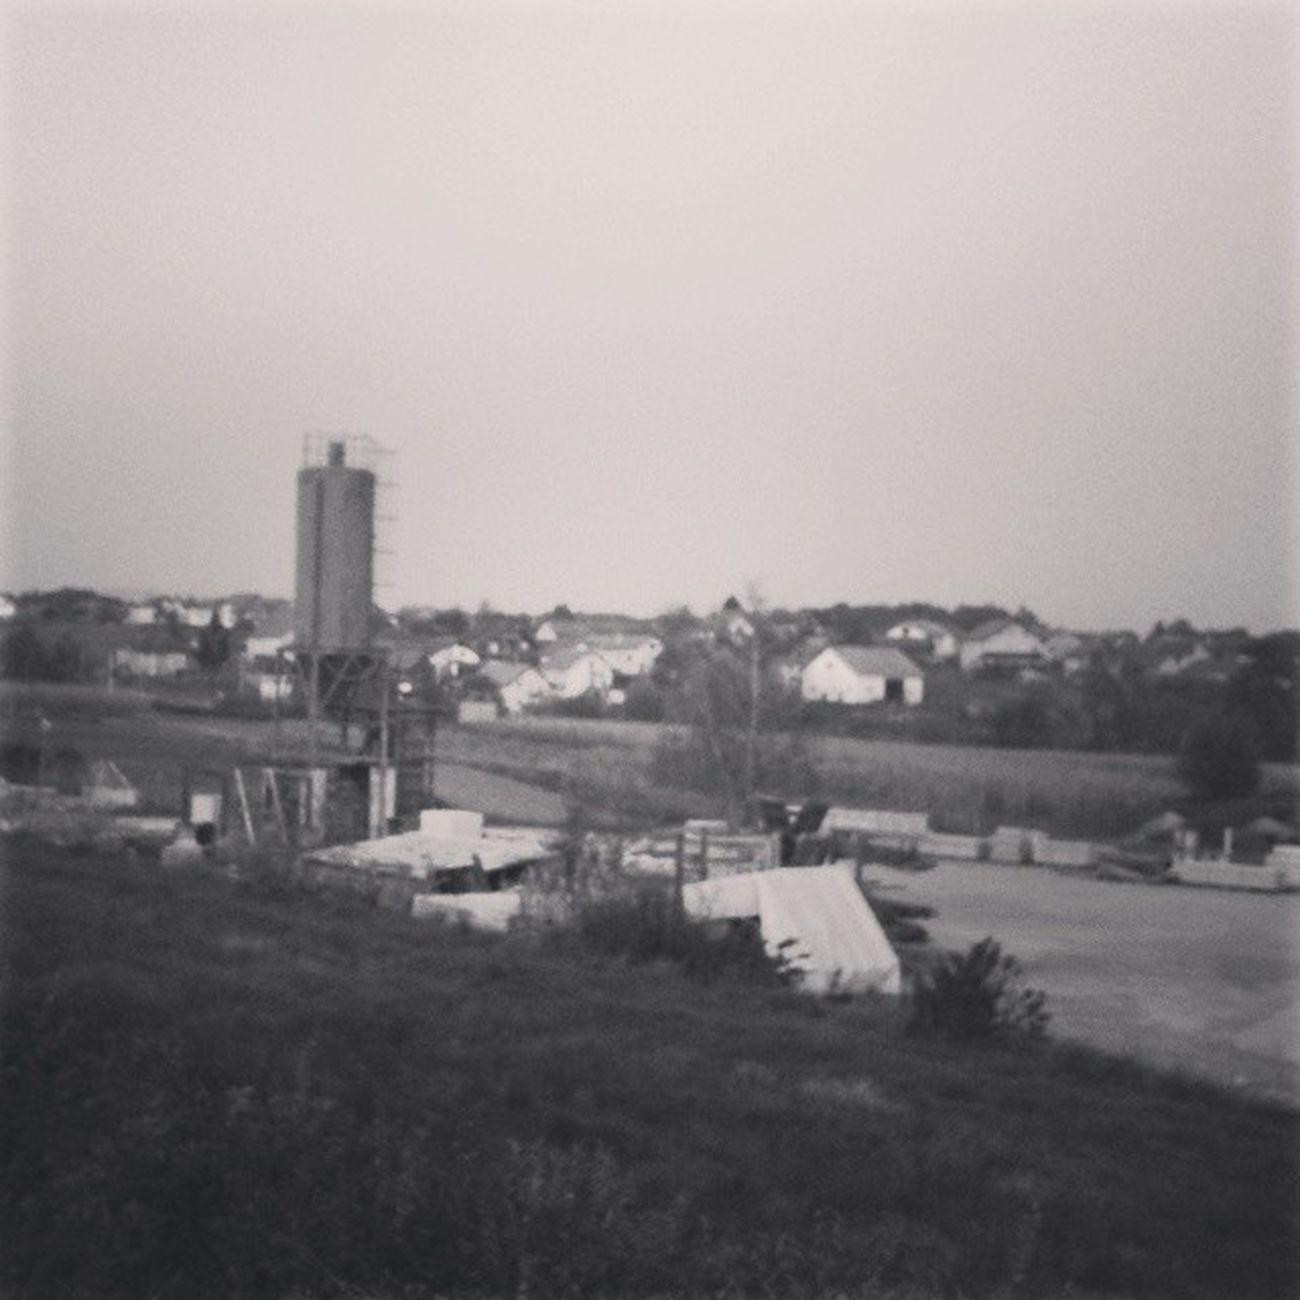 Industrija Klcity